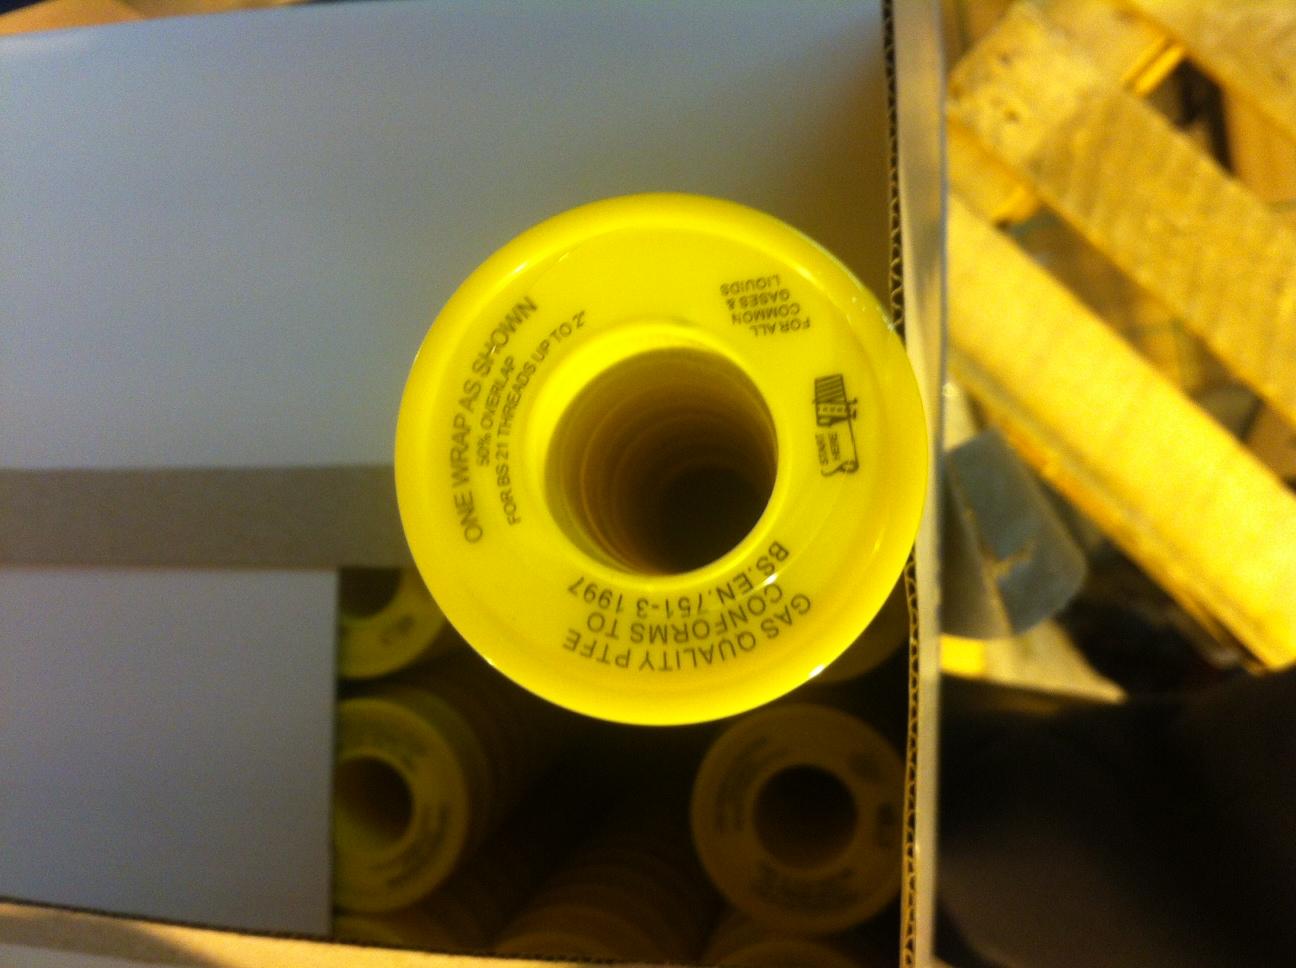 12mm x 5m Gas P.T.F.E Tape BS 6974